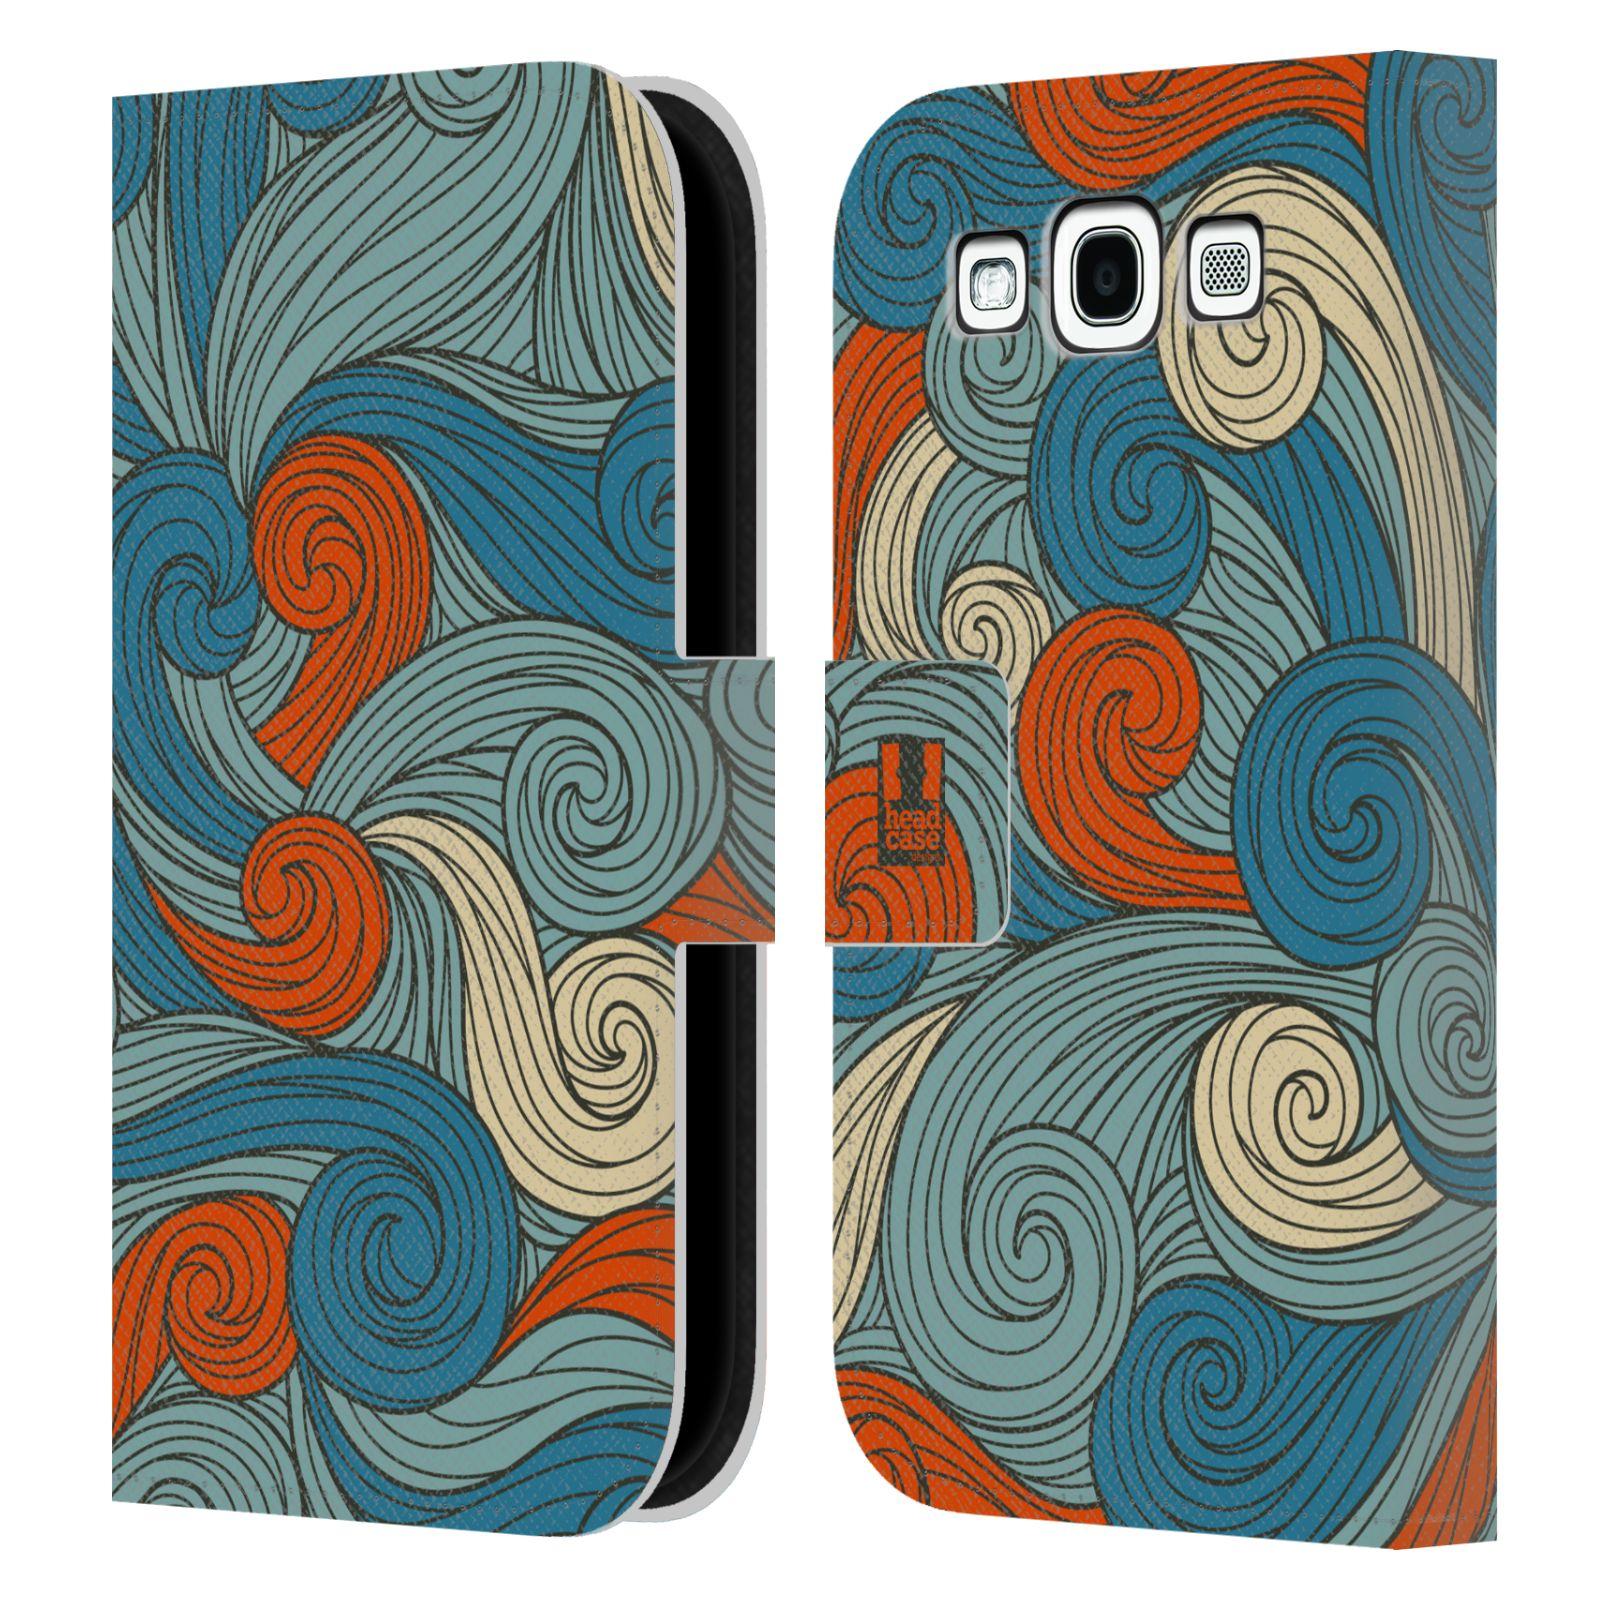 HEAD CASE Flipové pouzdro pro mobil Samsung Galaxy S3 barevné vlny oranžová a modrá